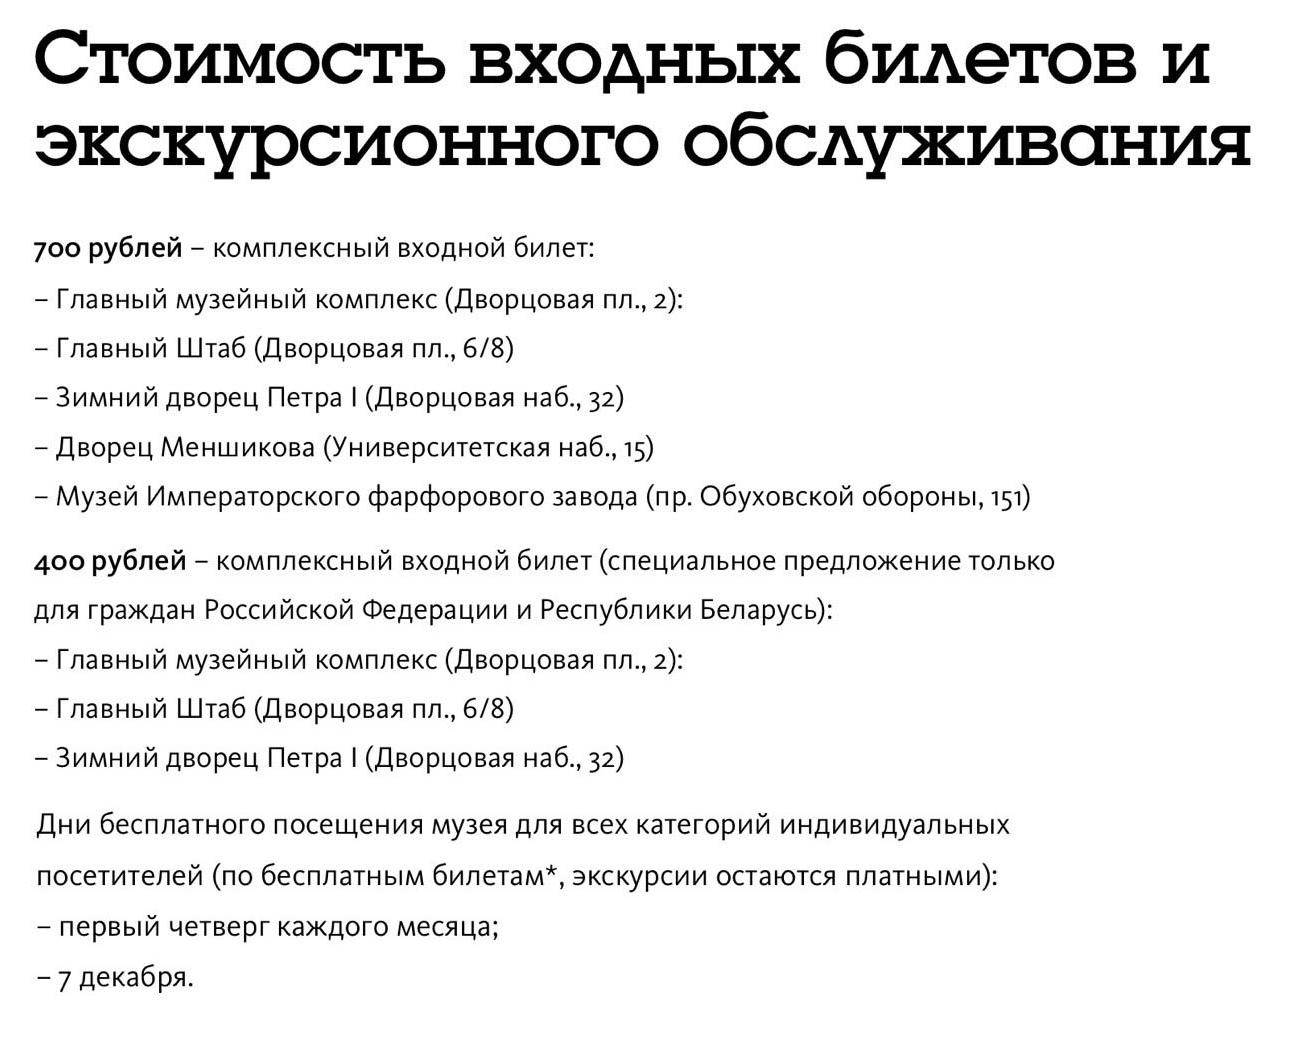 Цены на входные билеты с официального сайта музея «Эрмитаж»